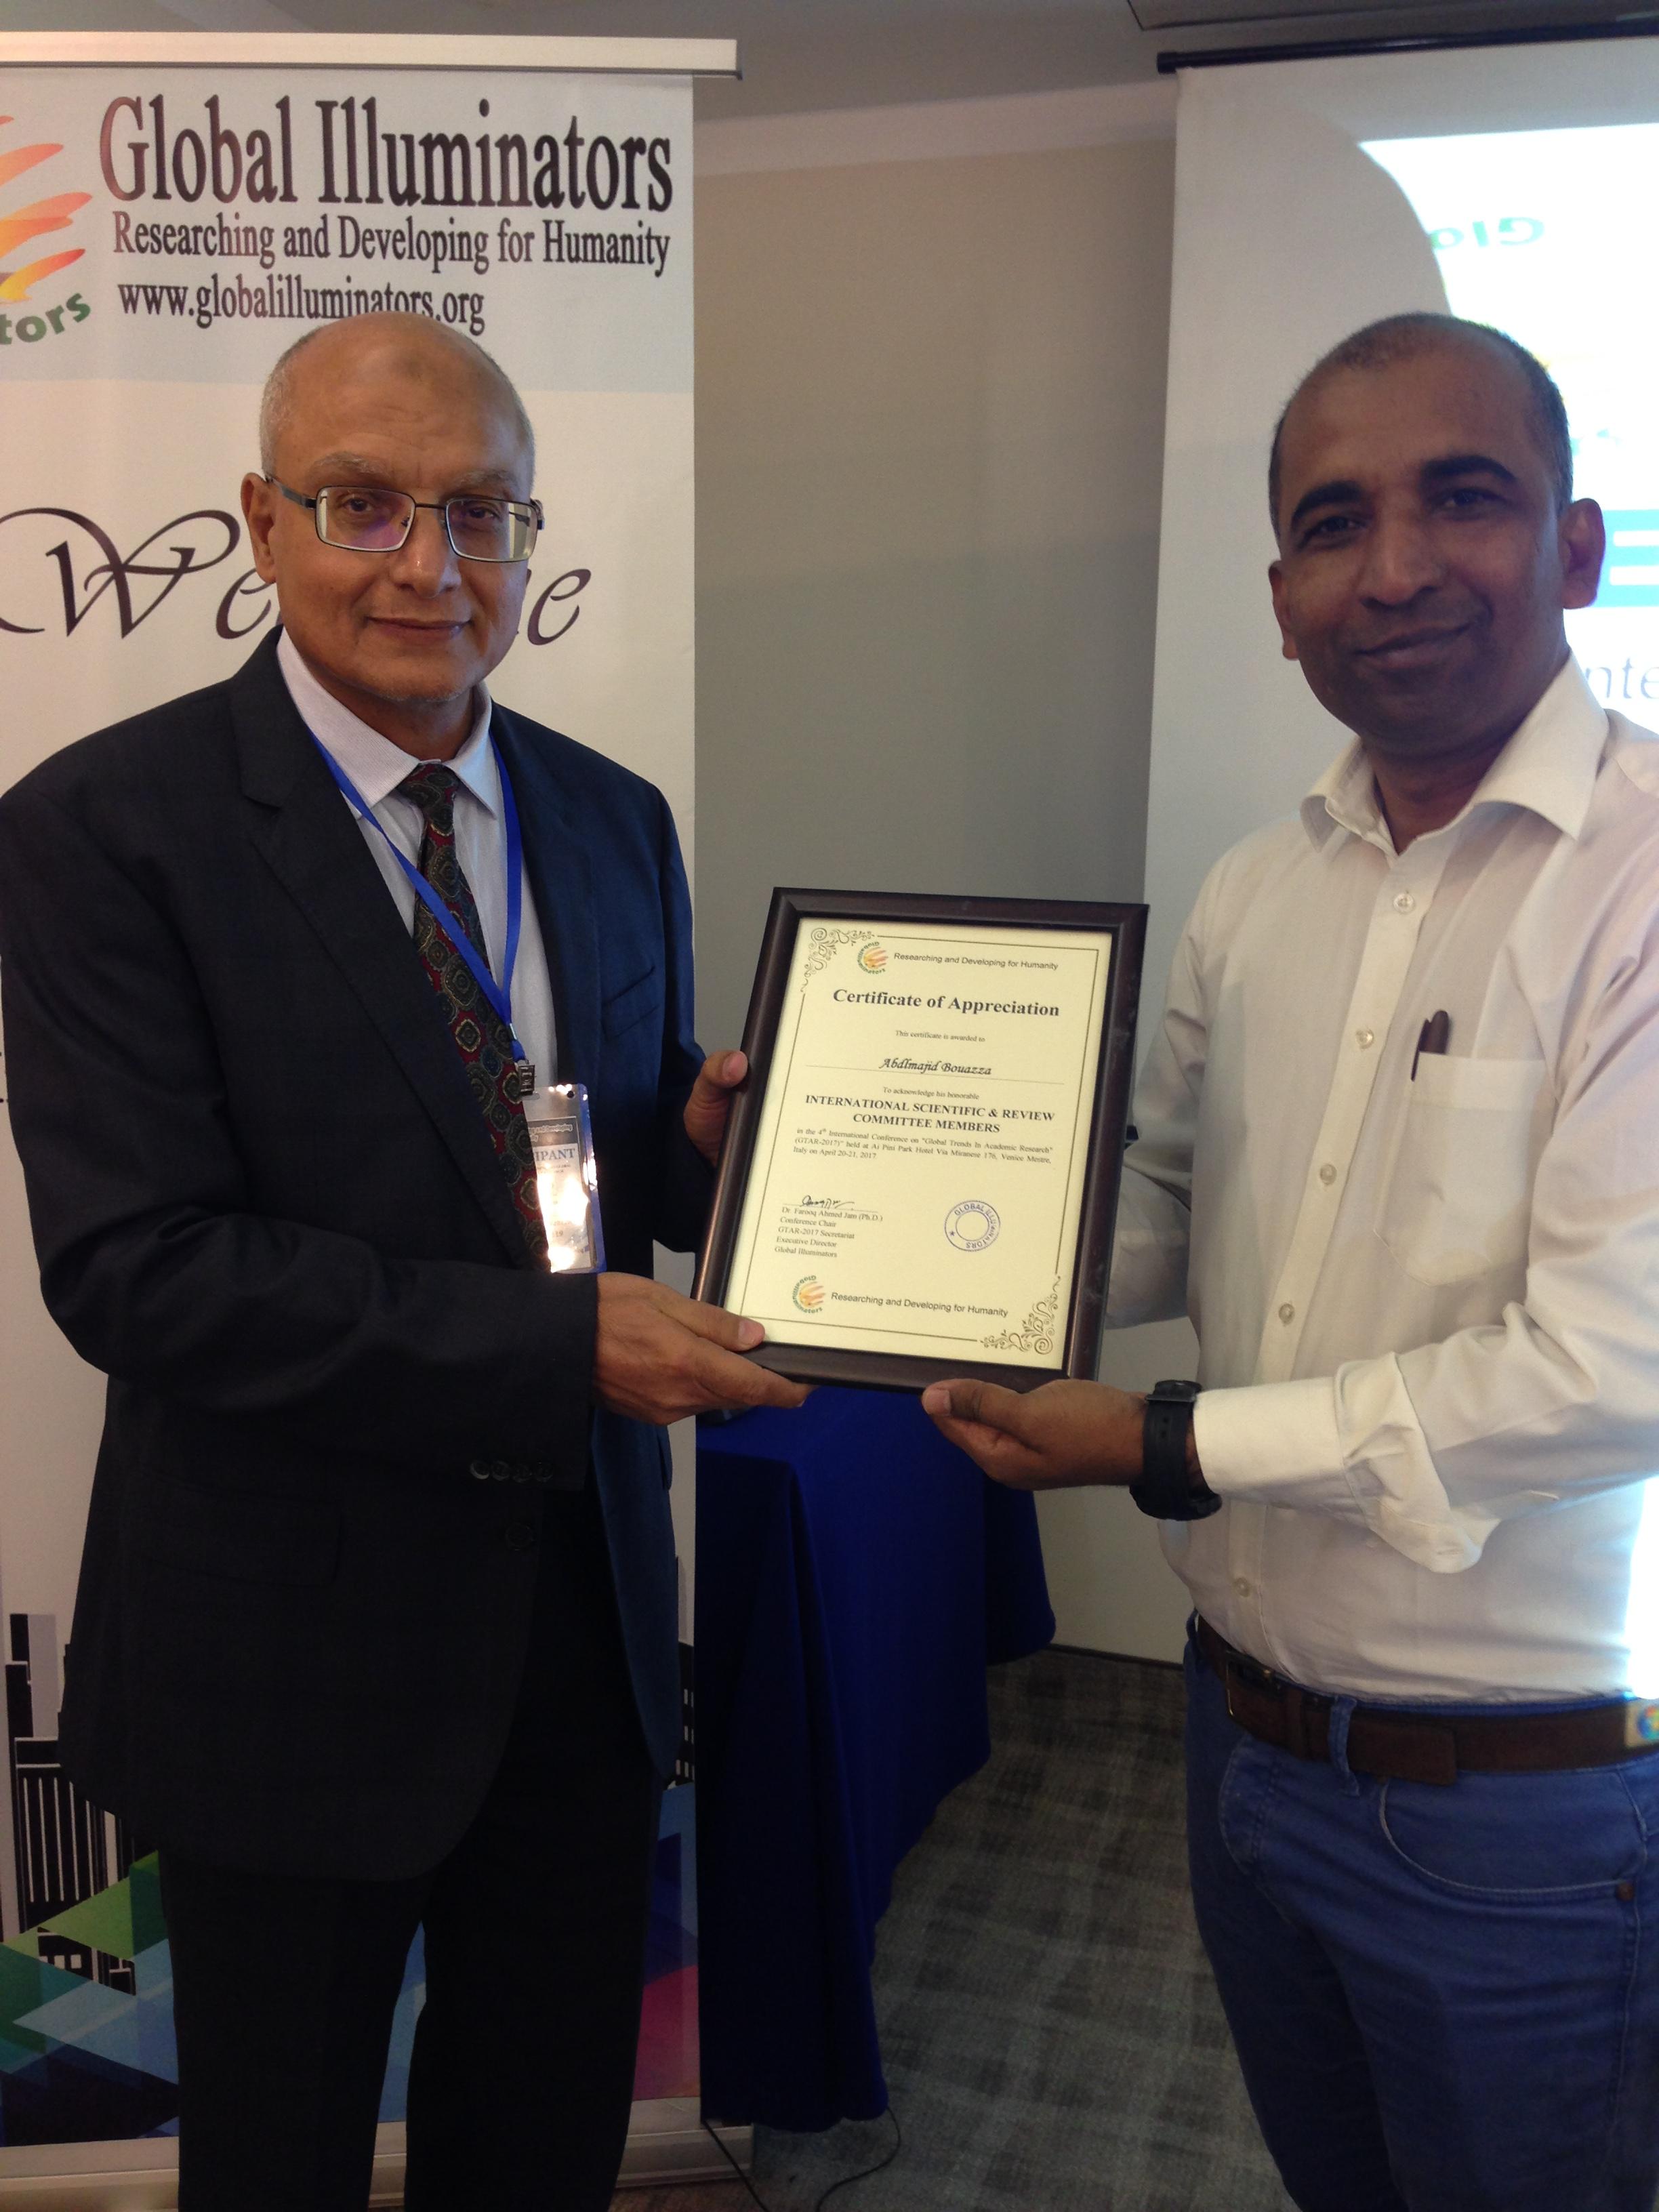 فريق بحثي من جامعة السلطان قابوس يفوز بجائزة أفضل ورقة علمية بإيطاليا